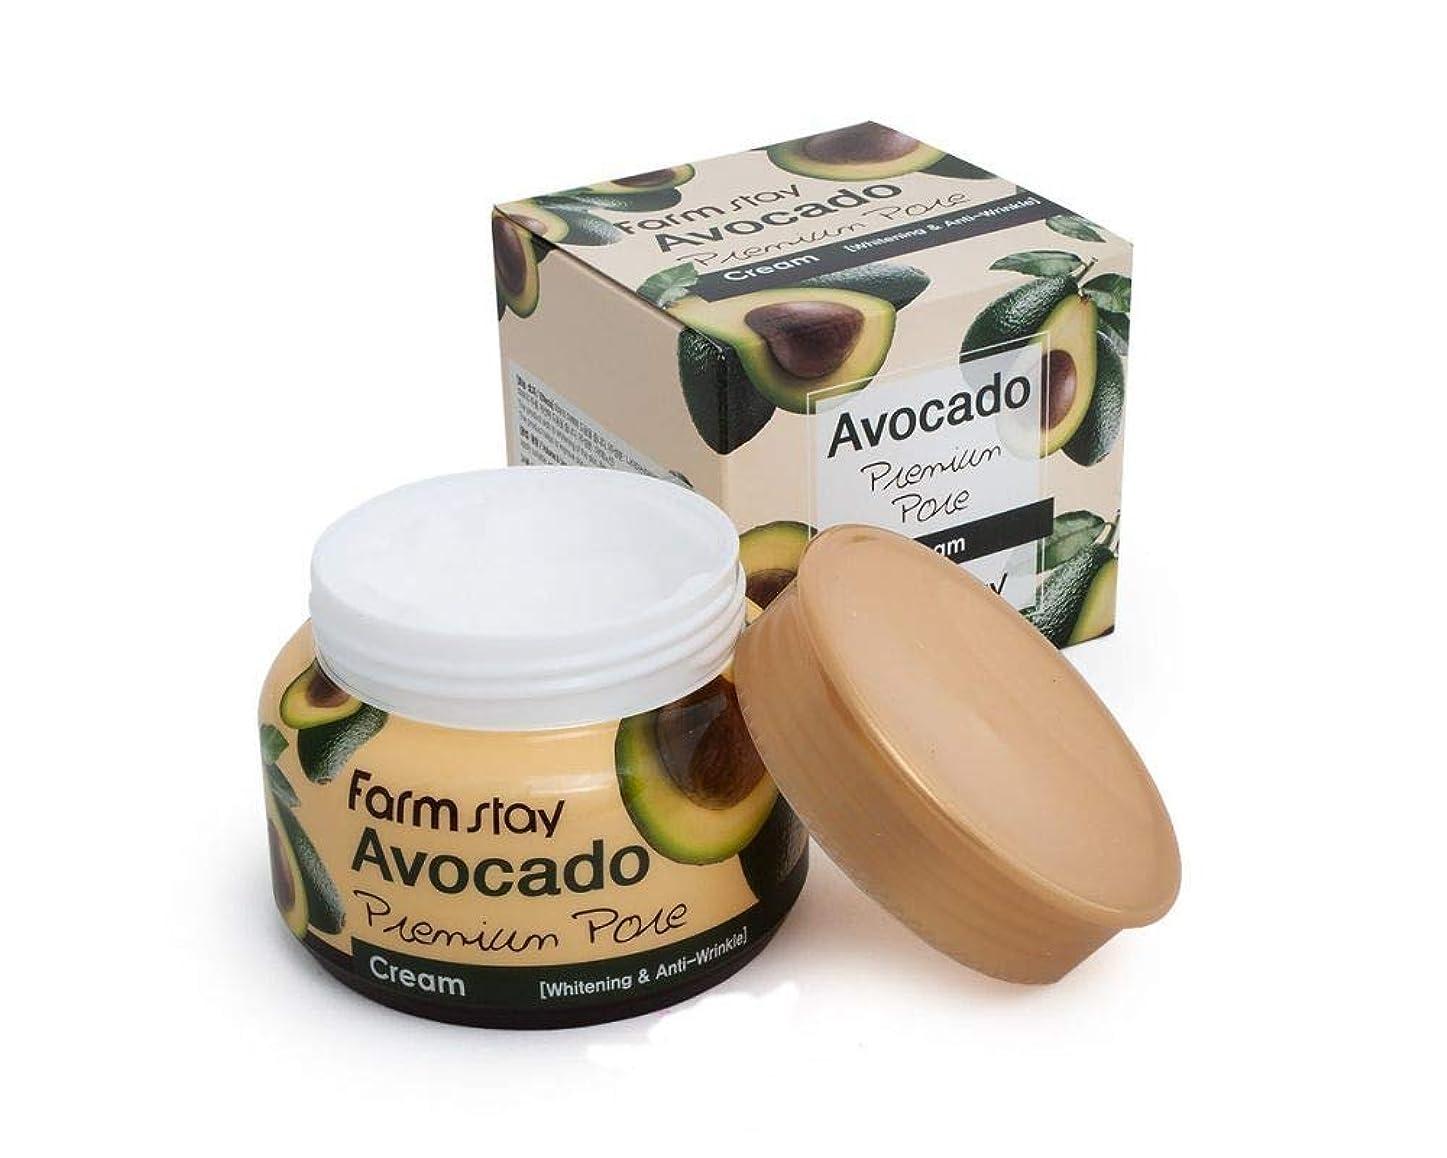 シンク憎しみ生きているファームステイ[Farm Stay] アボカドプレミアムポアクリーム 100g / Avocado Premium Pore Cream